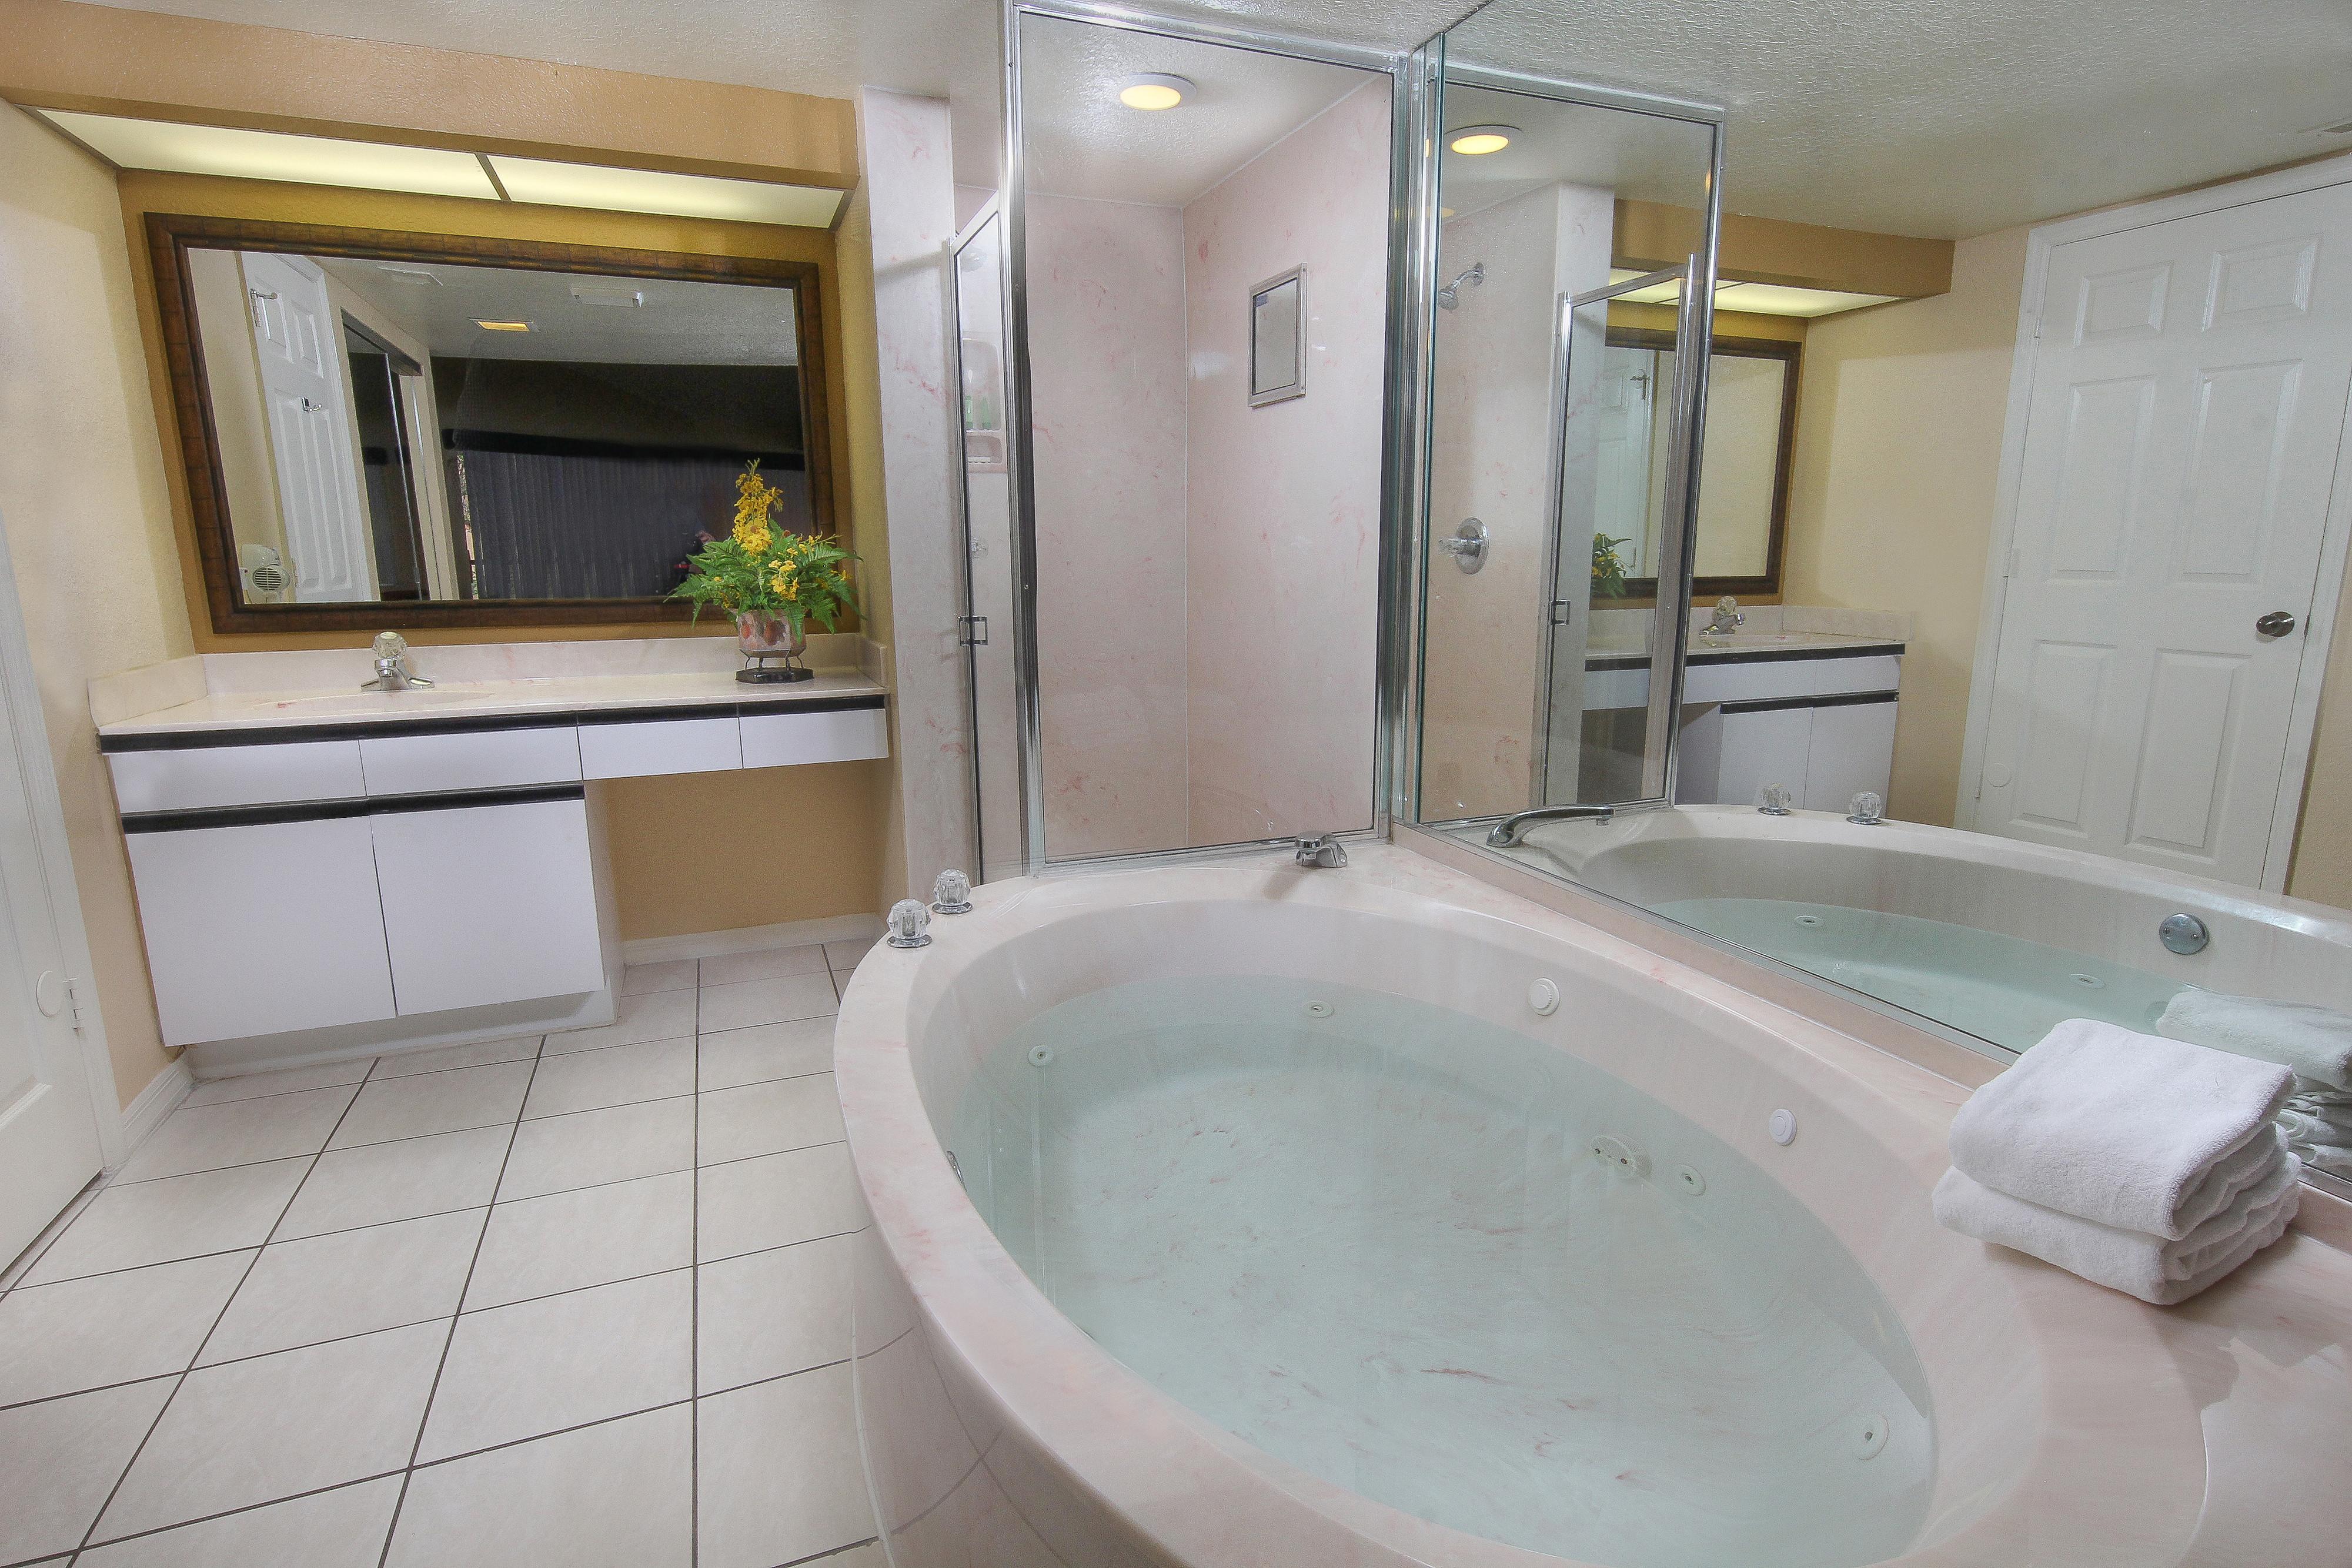 Two-Bedroom Villa with Loft Master Bathroom   Westgate Vacation Villas Resort & Spa   Orlando, FL   Westgate Resorts